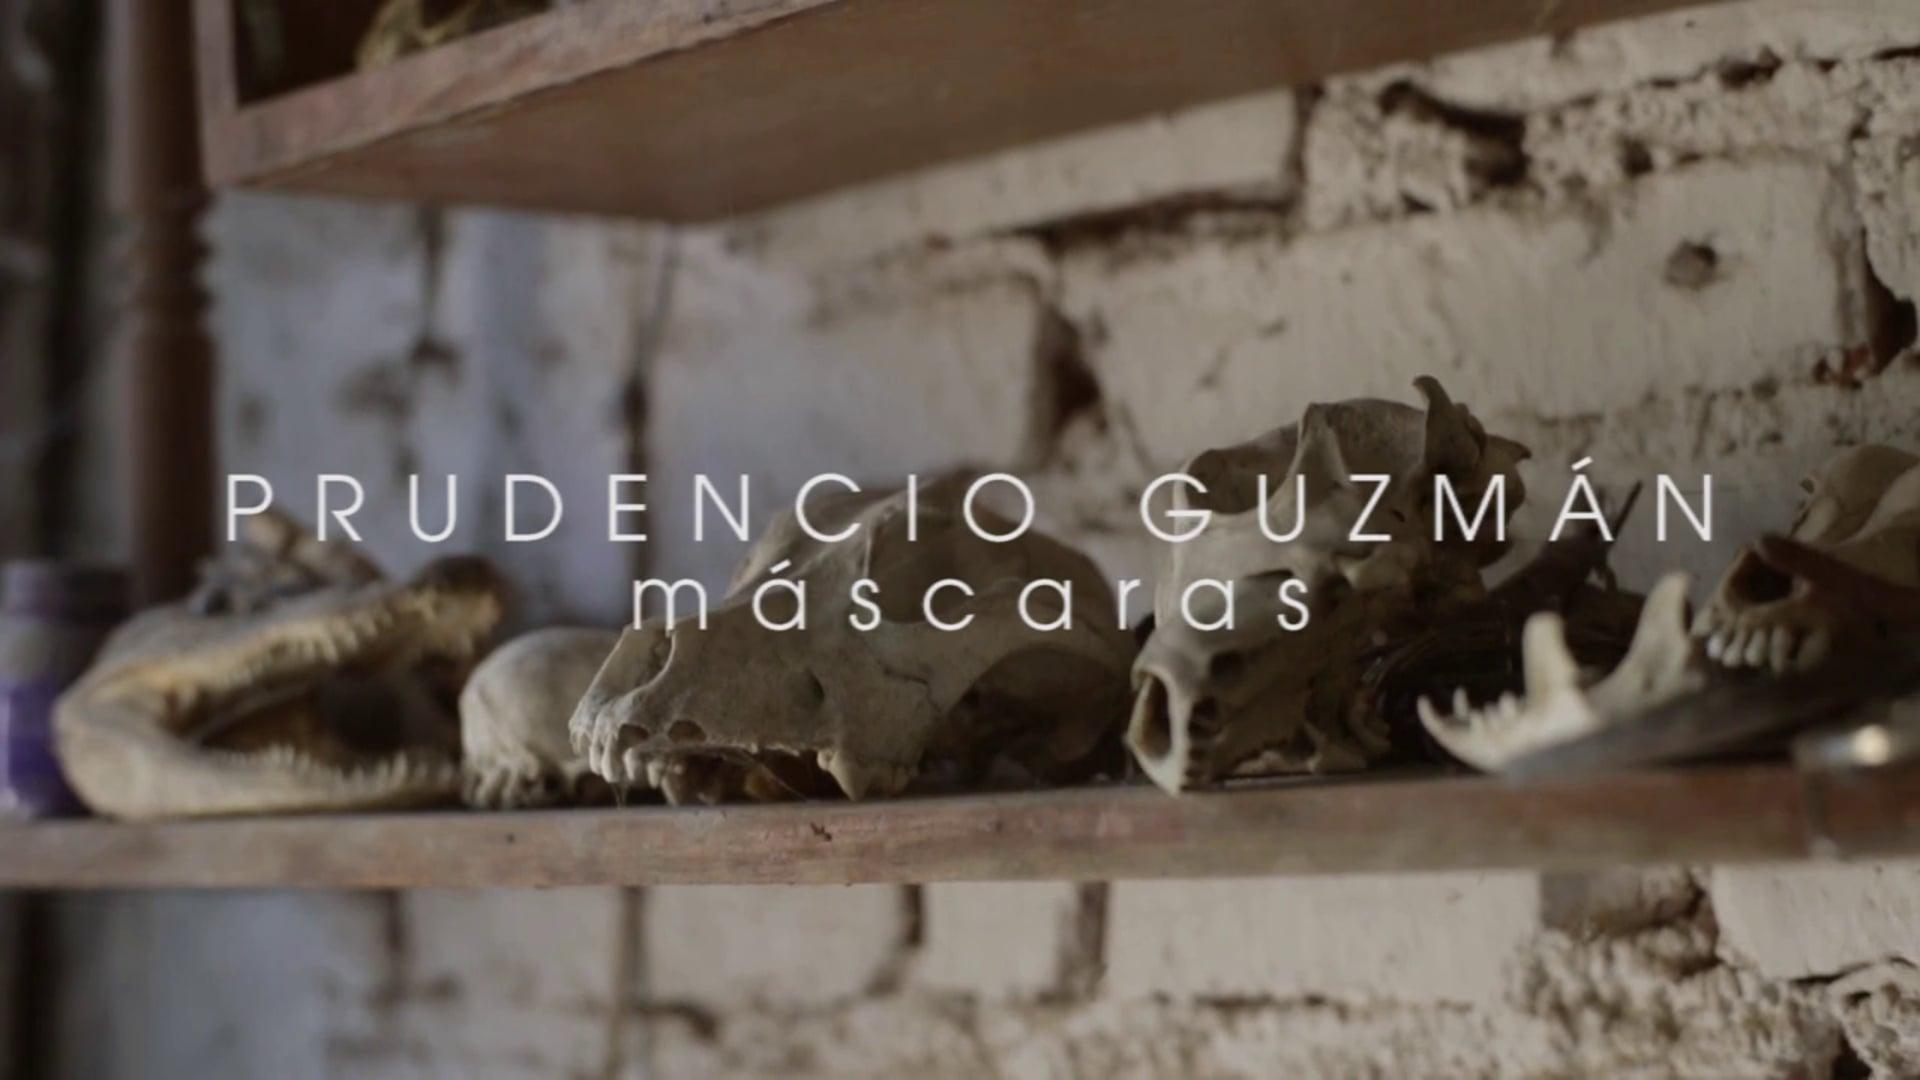 Treasures de México | Prudencio Guzmán